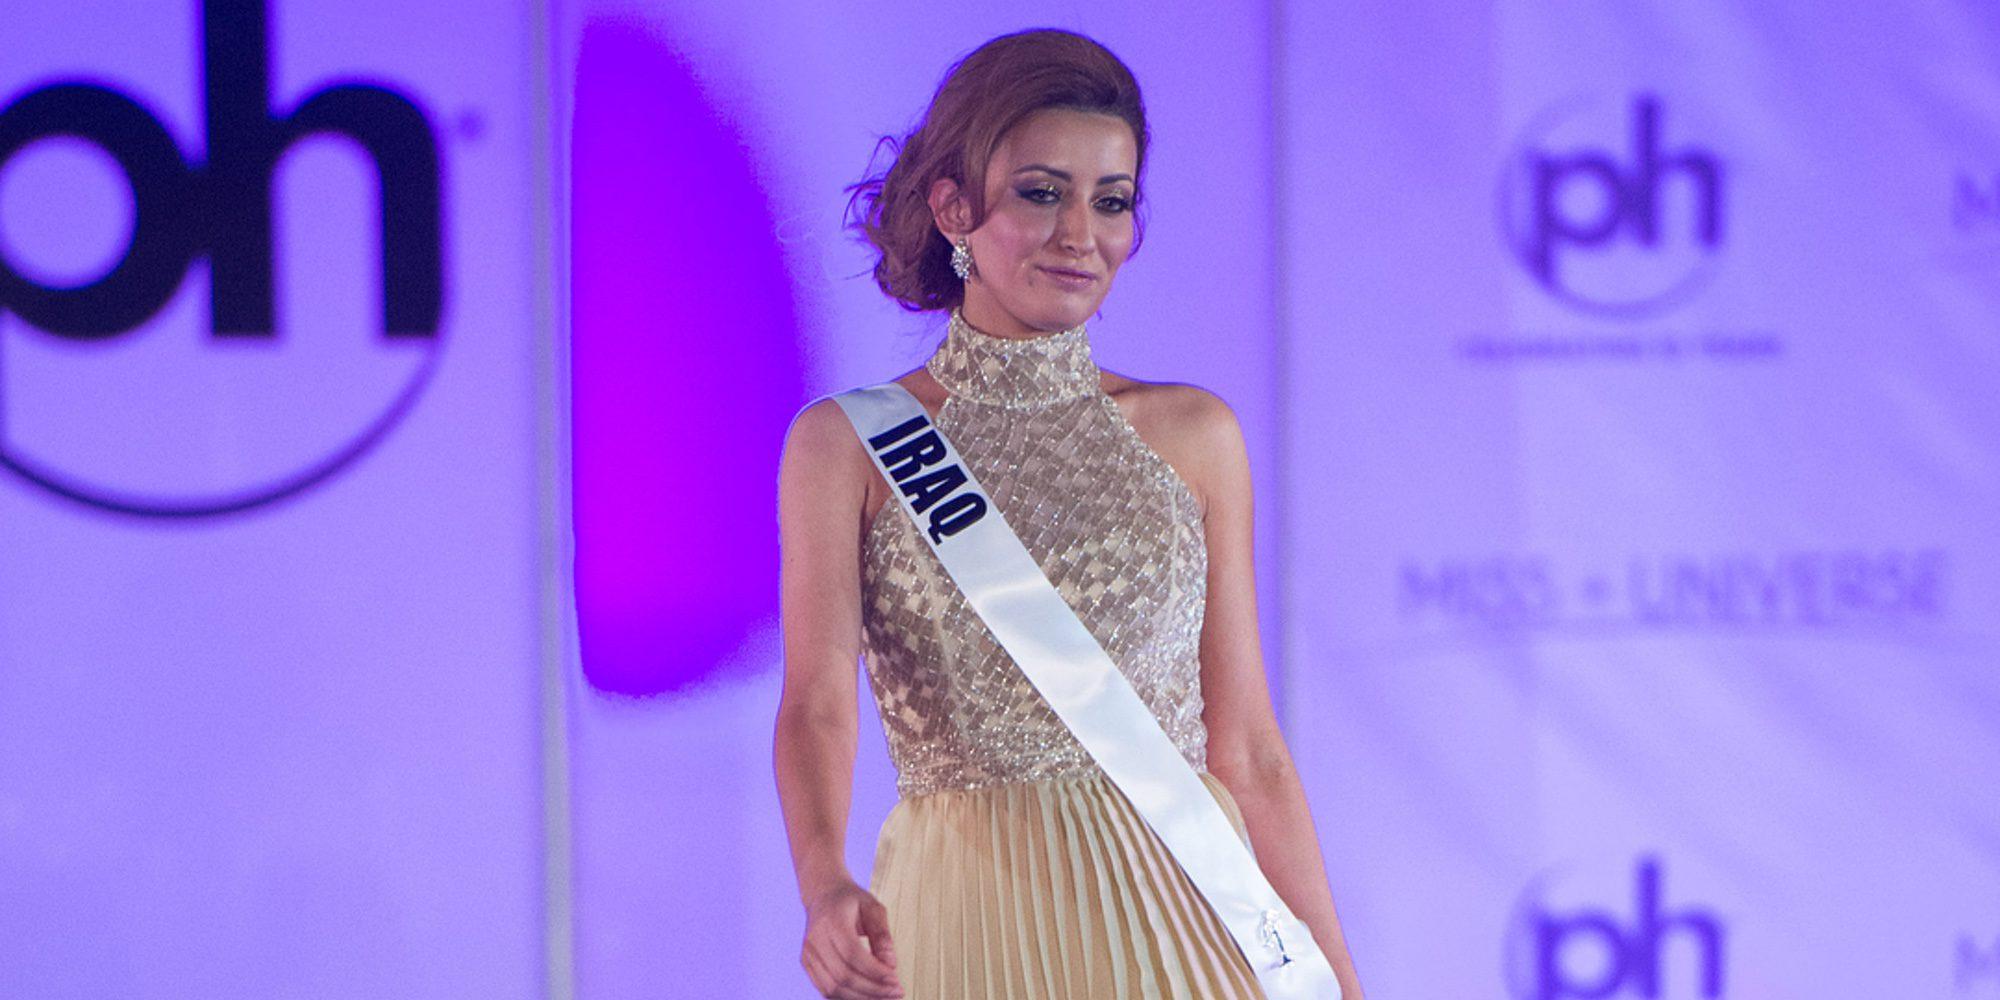 Miss Irak, exiliada después de posar con Miss Israel en una fotografía